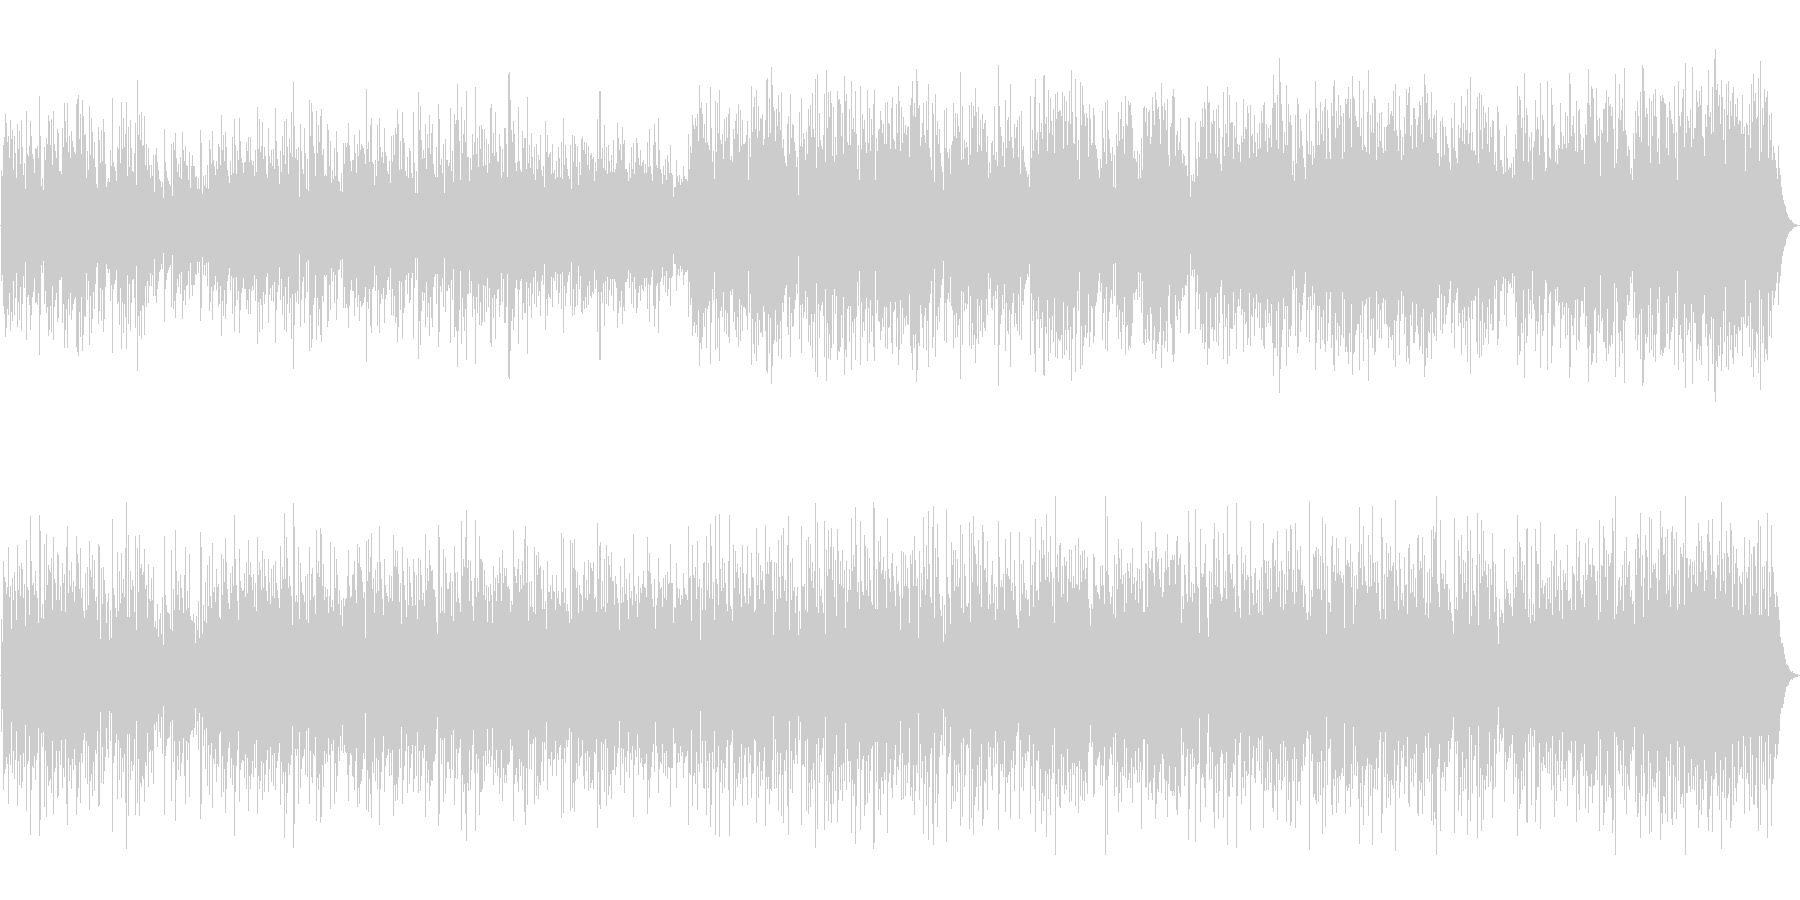 アコギとピアノの優しくシンプルなBGMの未再生の波形